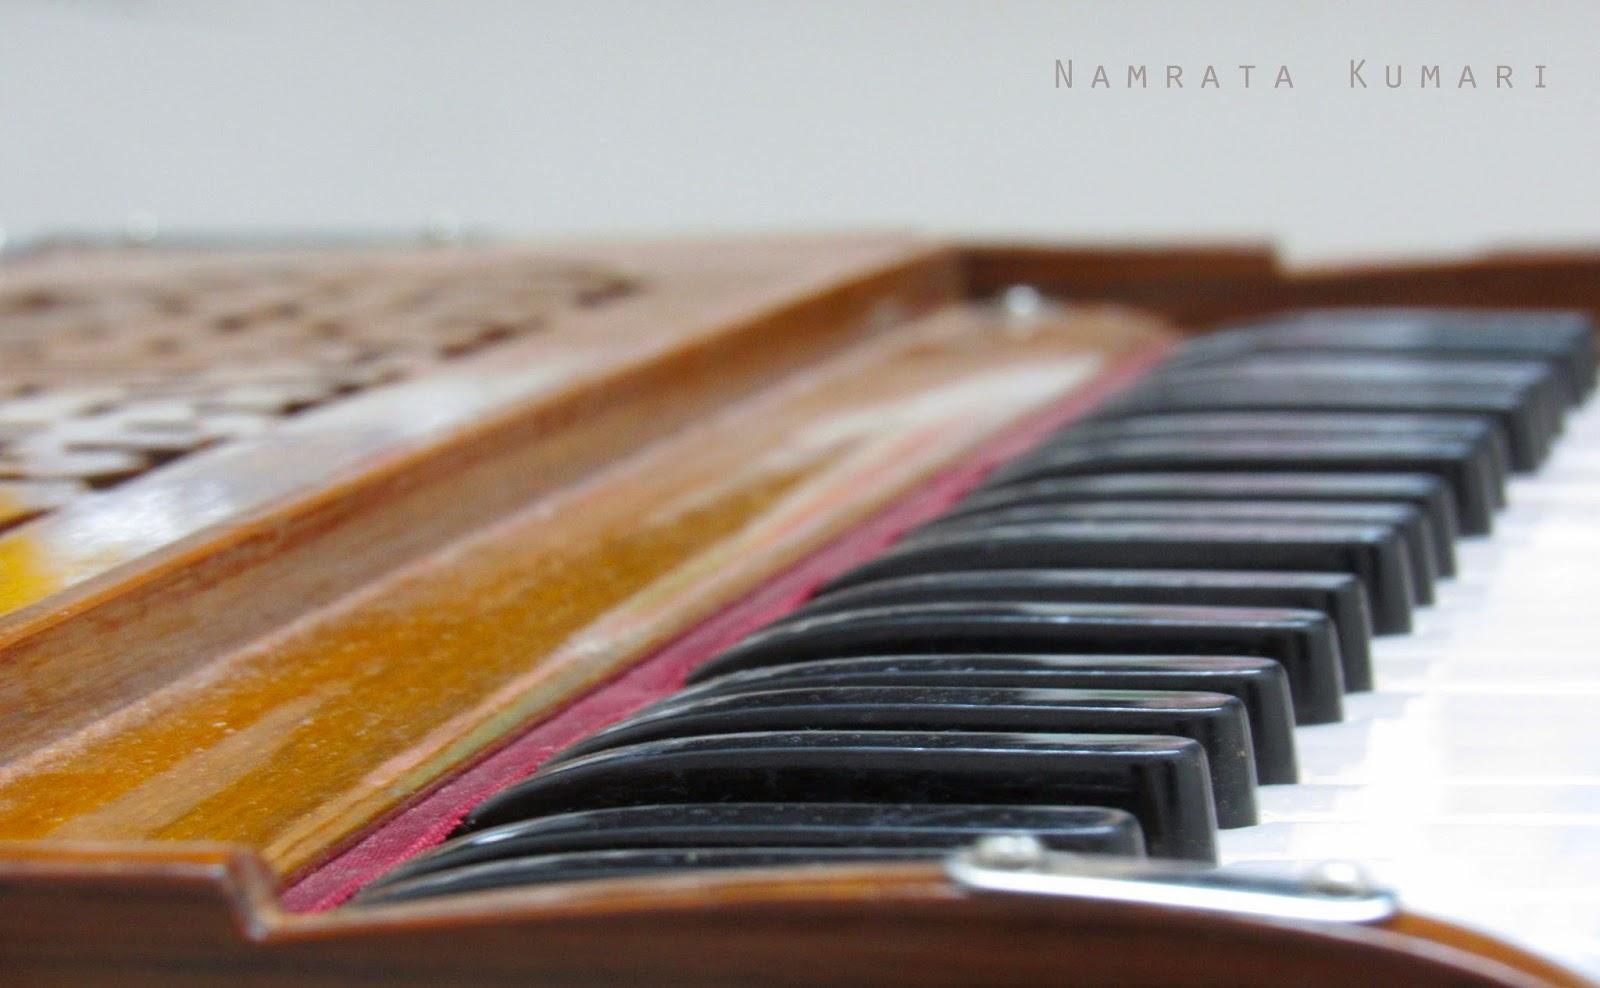 harmonium, indian harmonium, music, classical music, Namrata Kumari